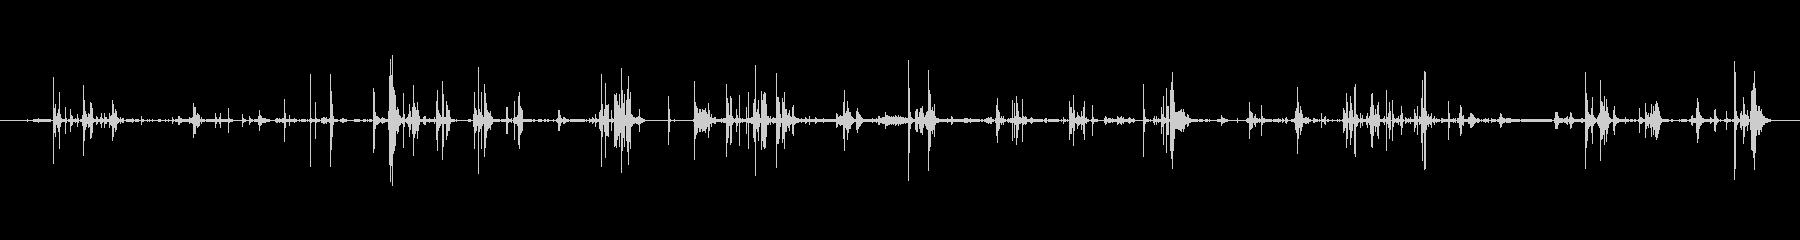 モンスター 肉食14の未再生の波形